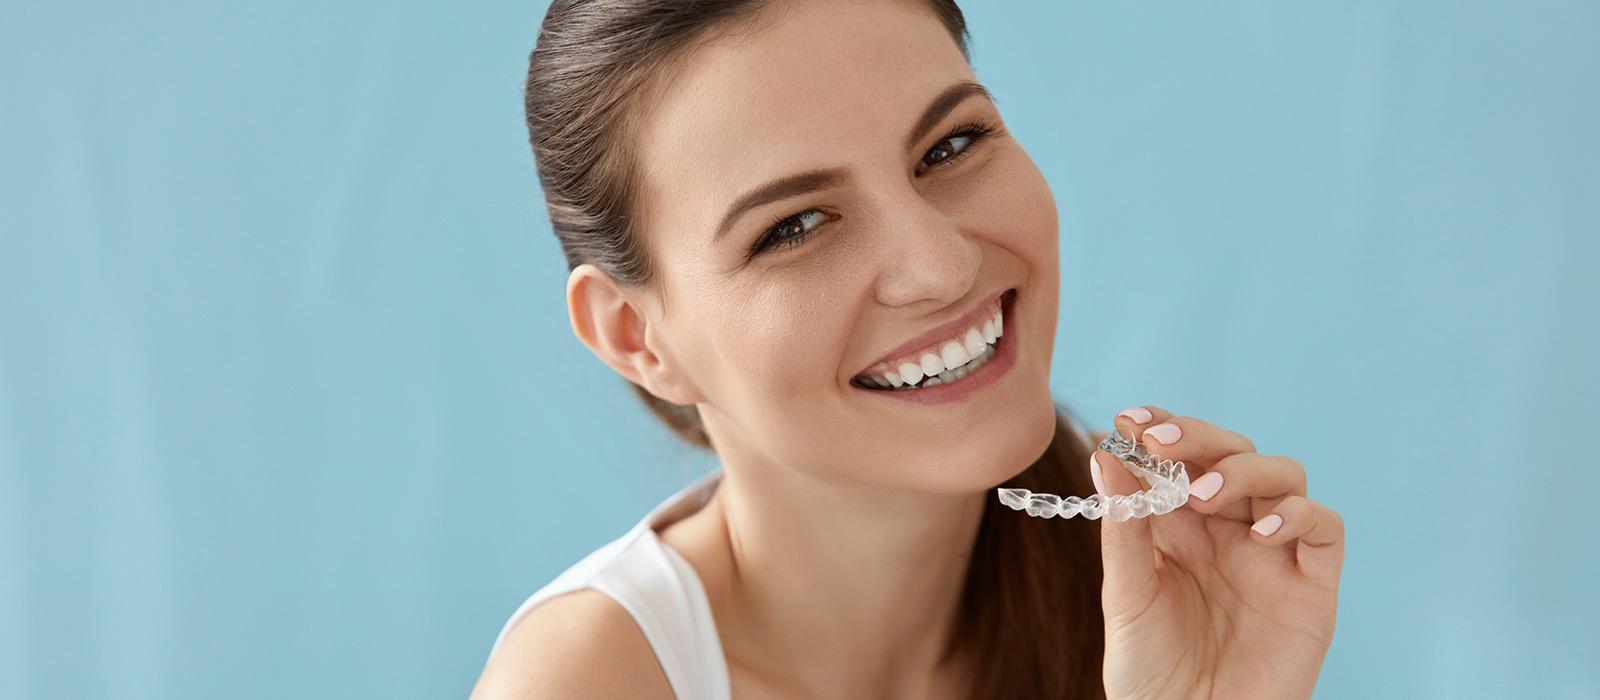 Frau mit unsichtbarer Zahnspange